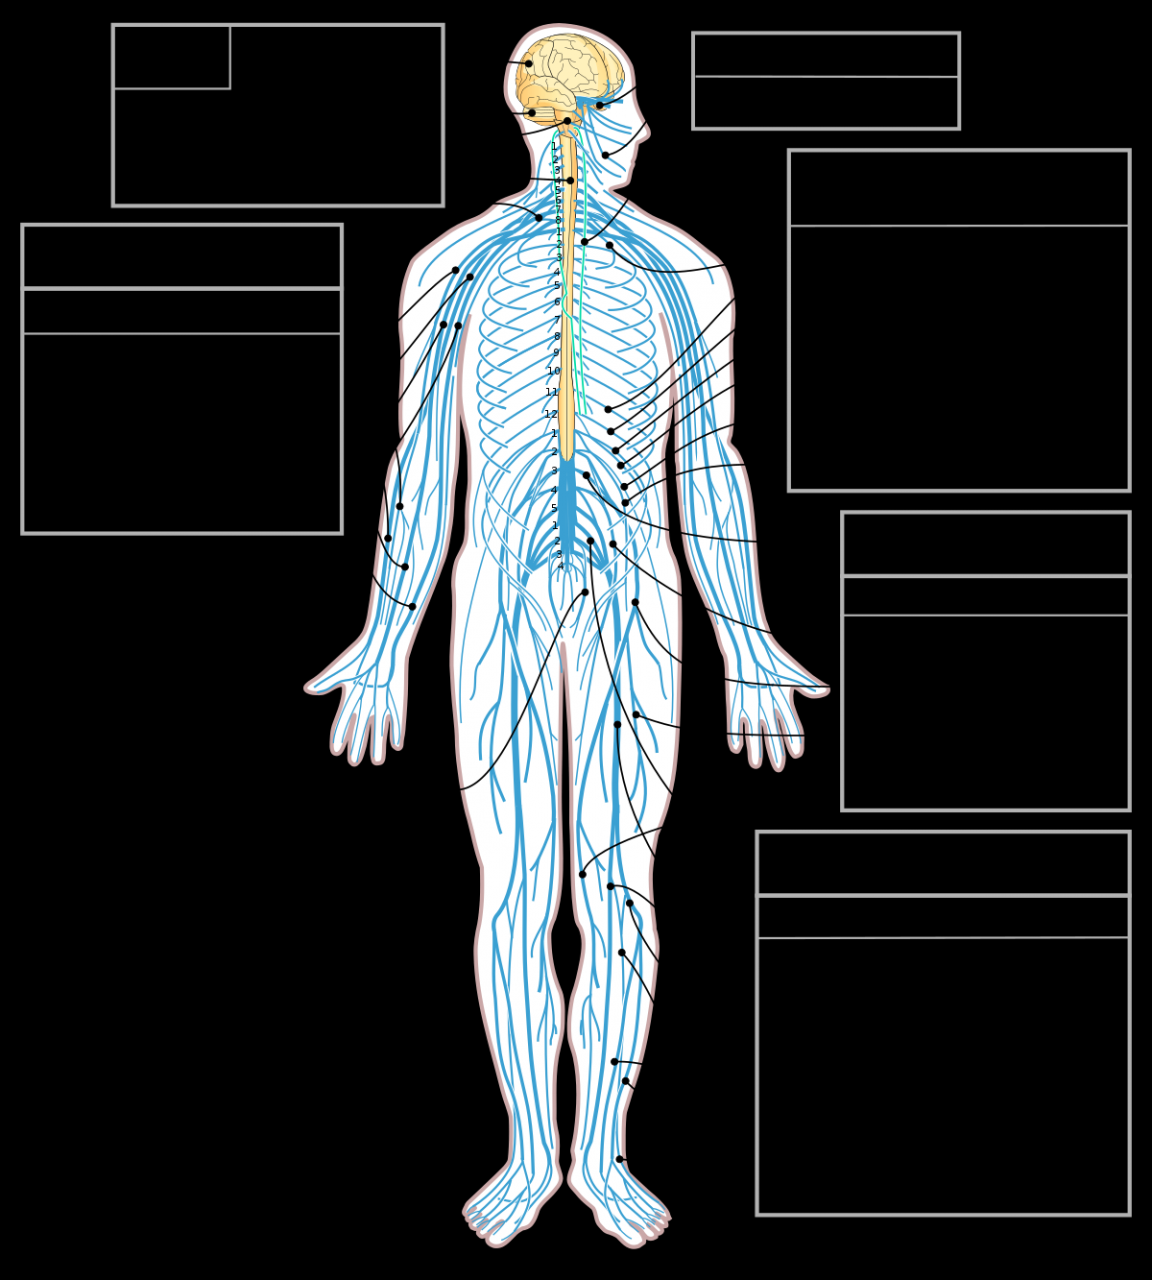 صورة صور الجهاز العصبي , العصب السمبثاوي واضرار تلفه